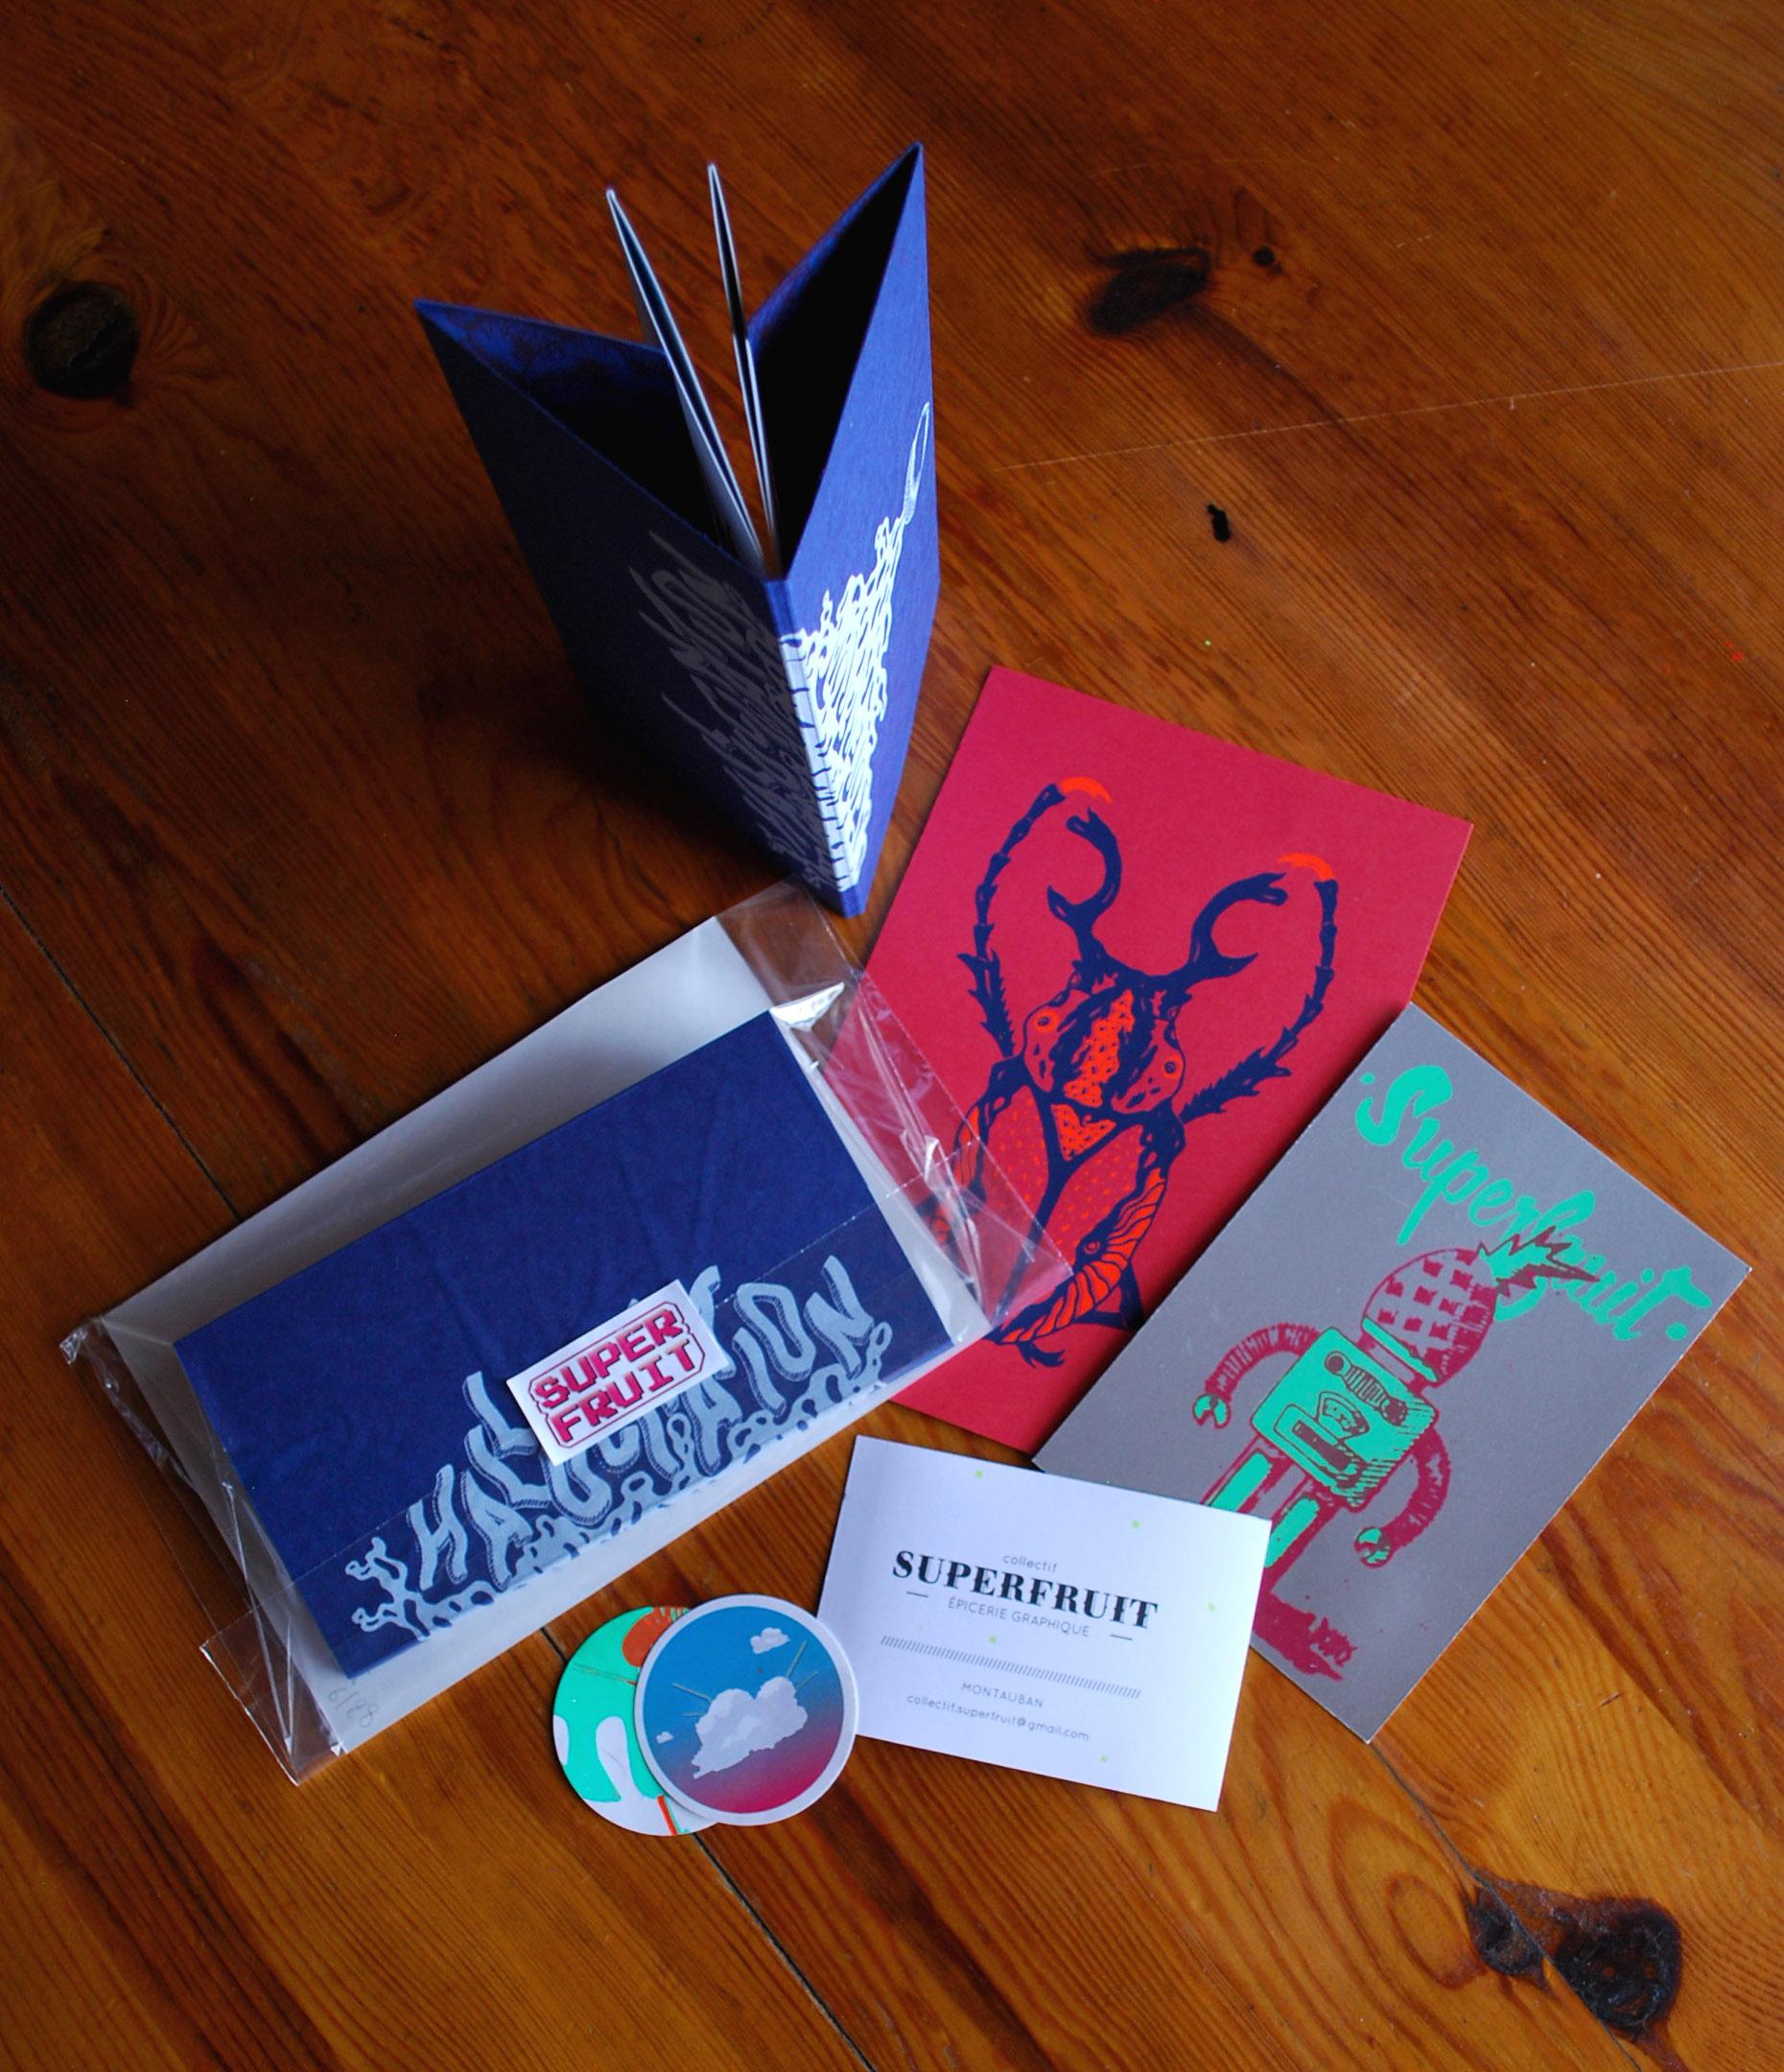 Pack d'objets sérigraphiés (carte, stickers, leporello) par Superfruit pour le Kraft festival à Nantes.